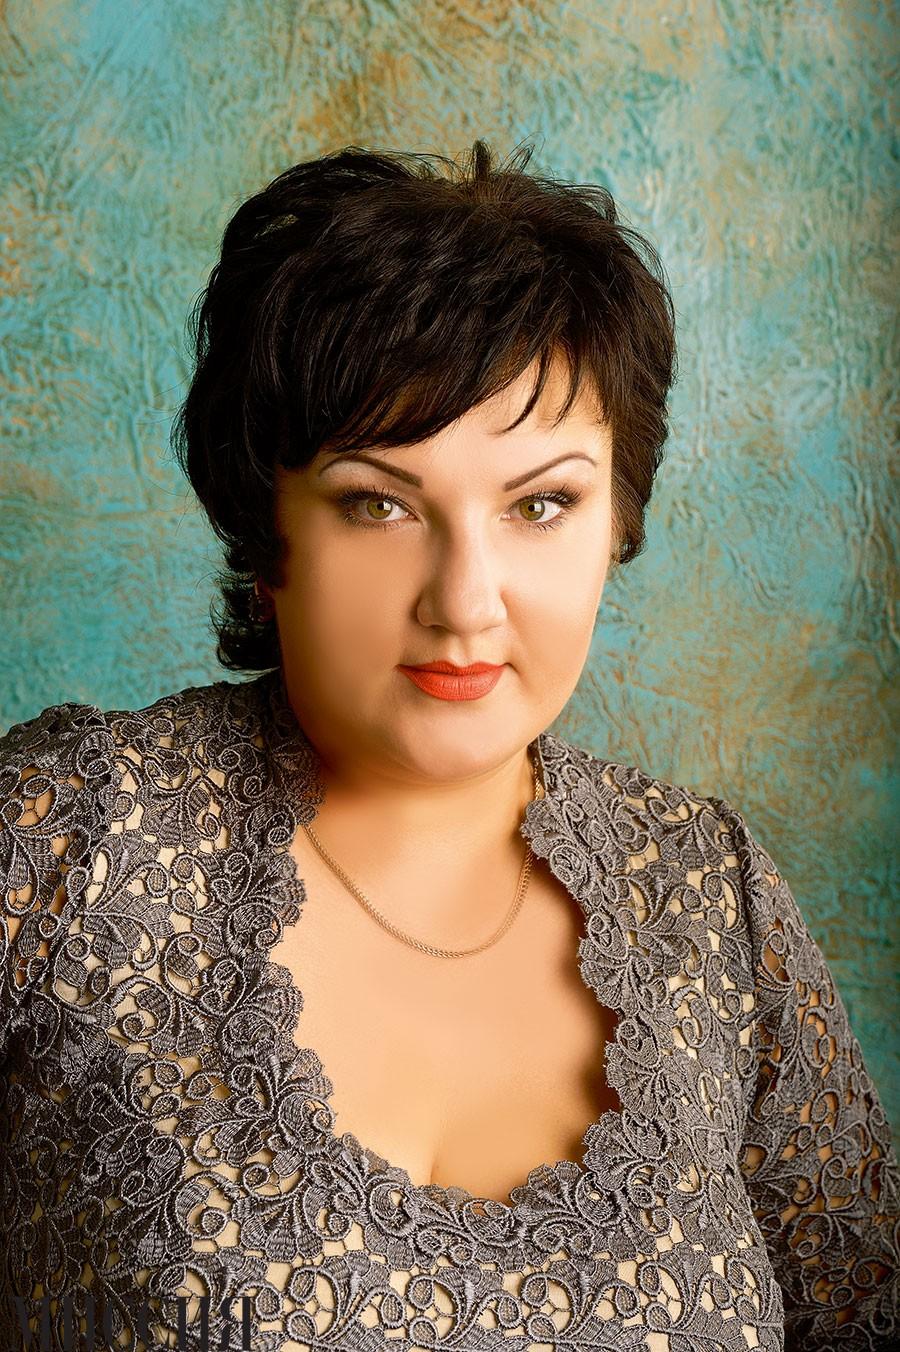 Татьяна Васильева, директор оптовых продаж дивизиона Север-Юг